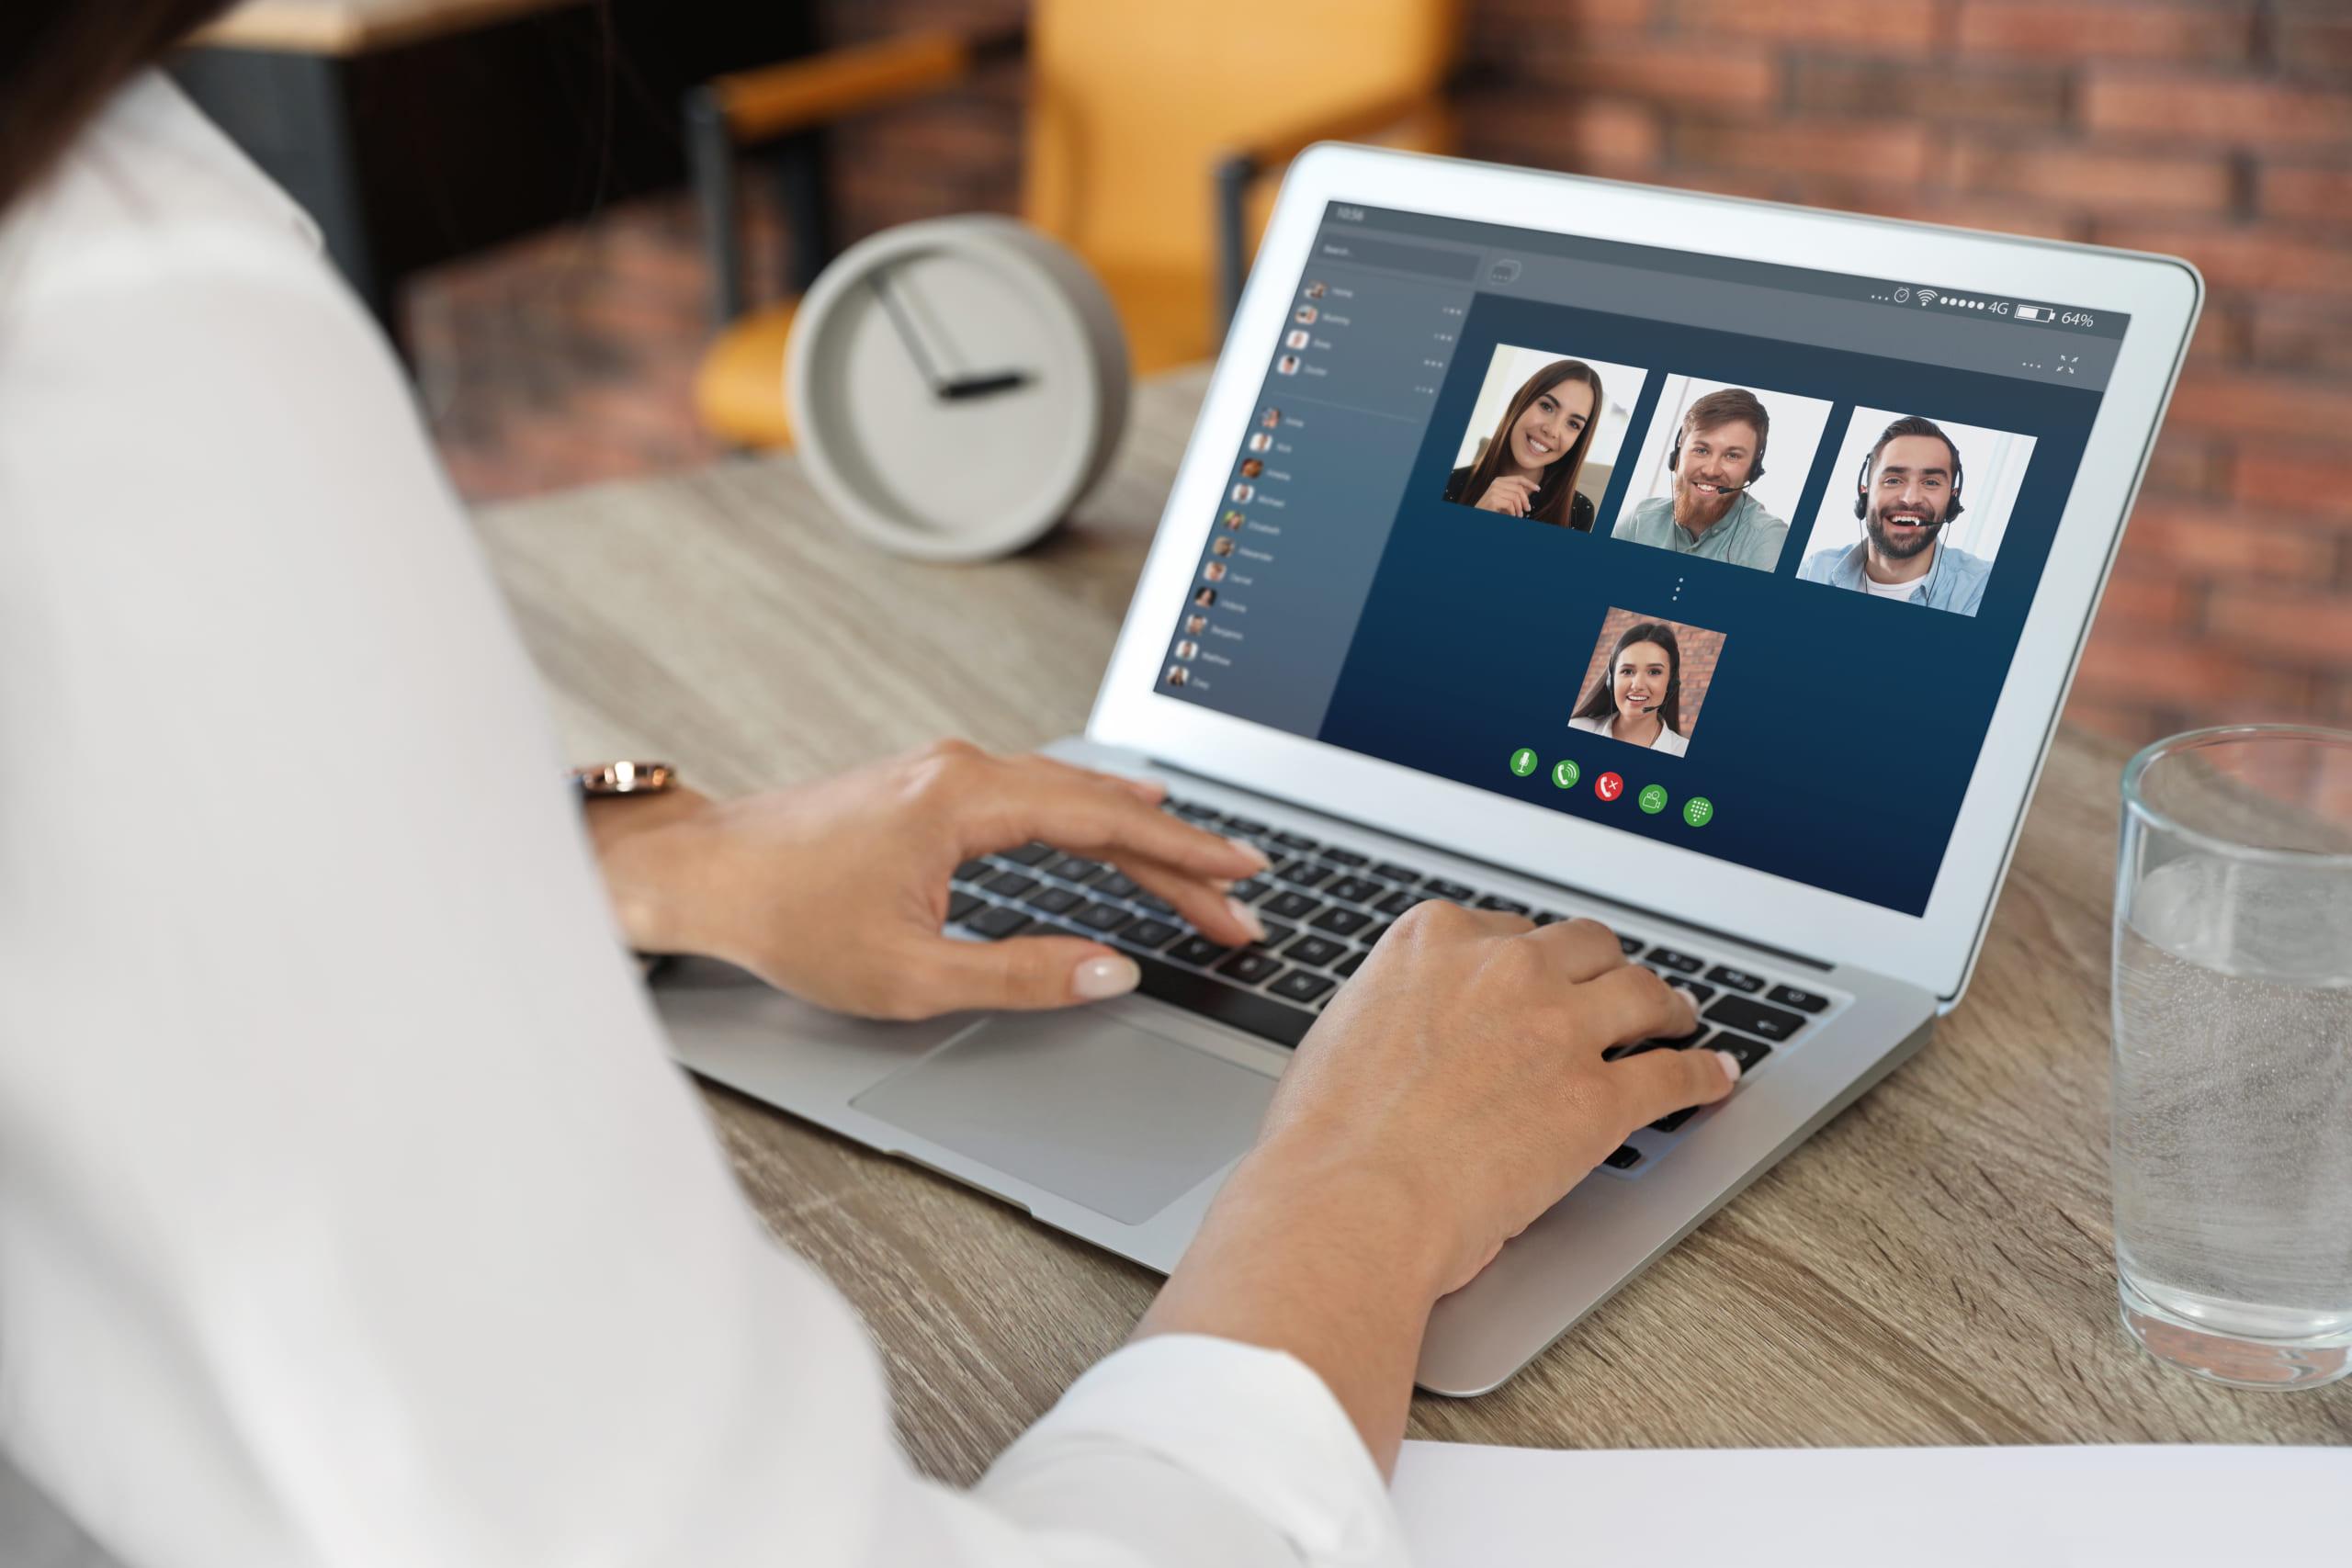 テレワーク・オンライン会議Zoom用、オリジナル背景画像作成します